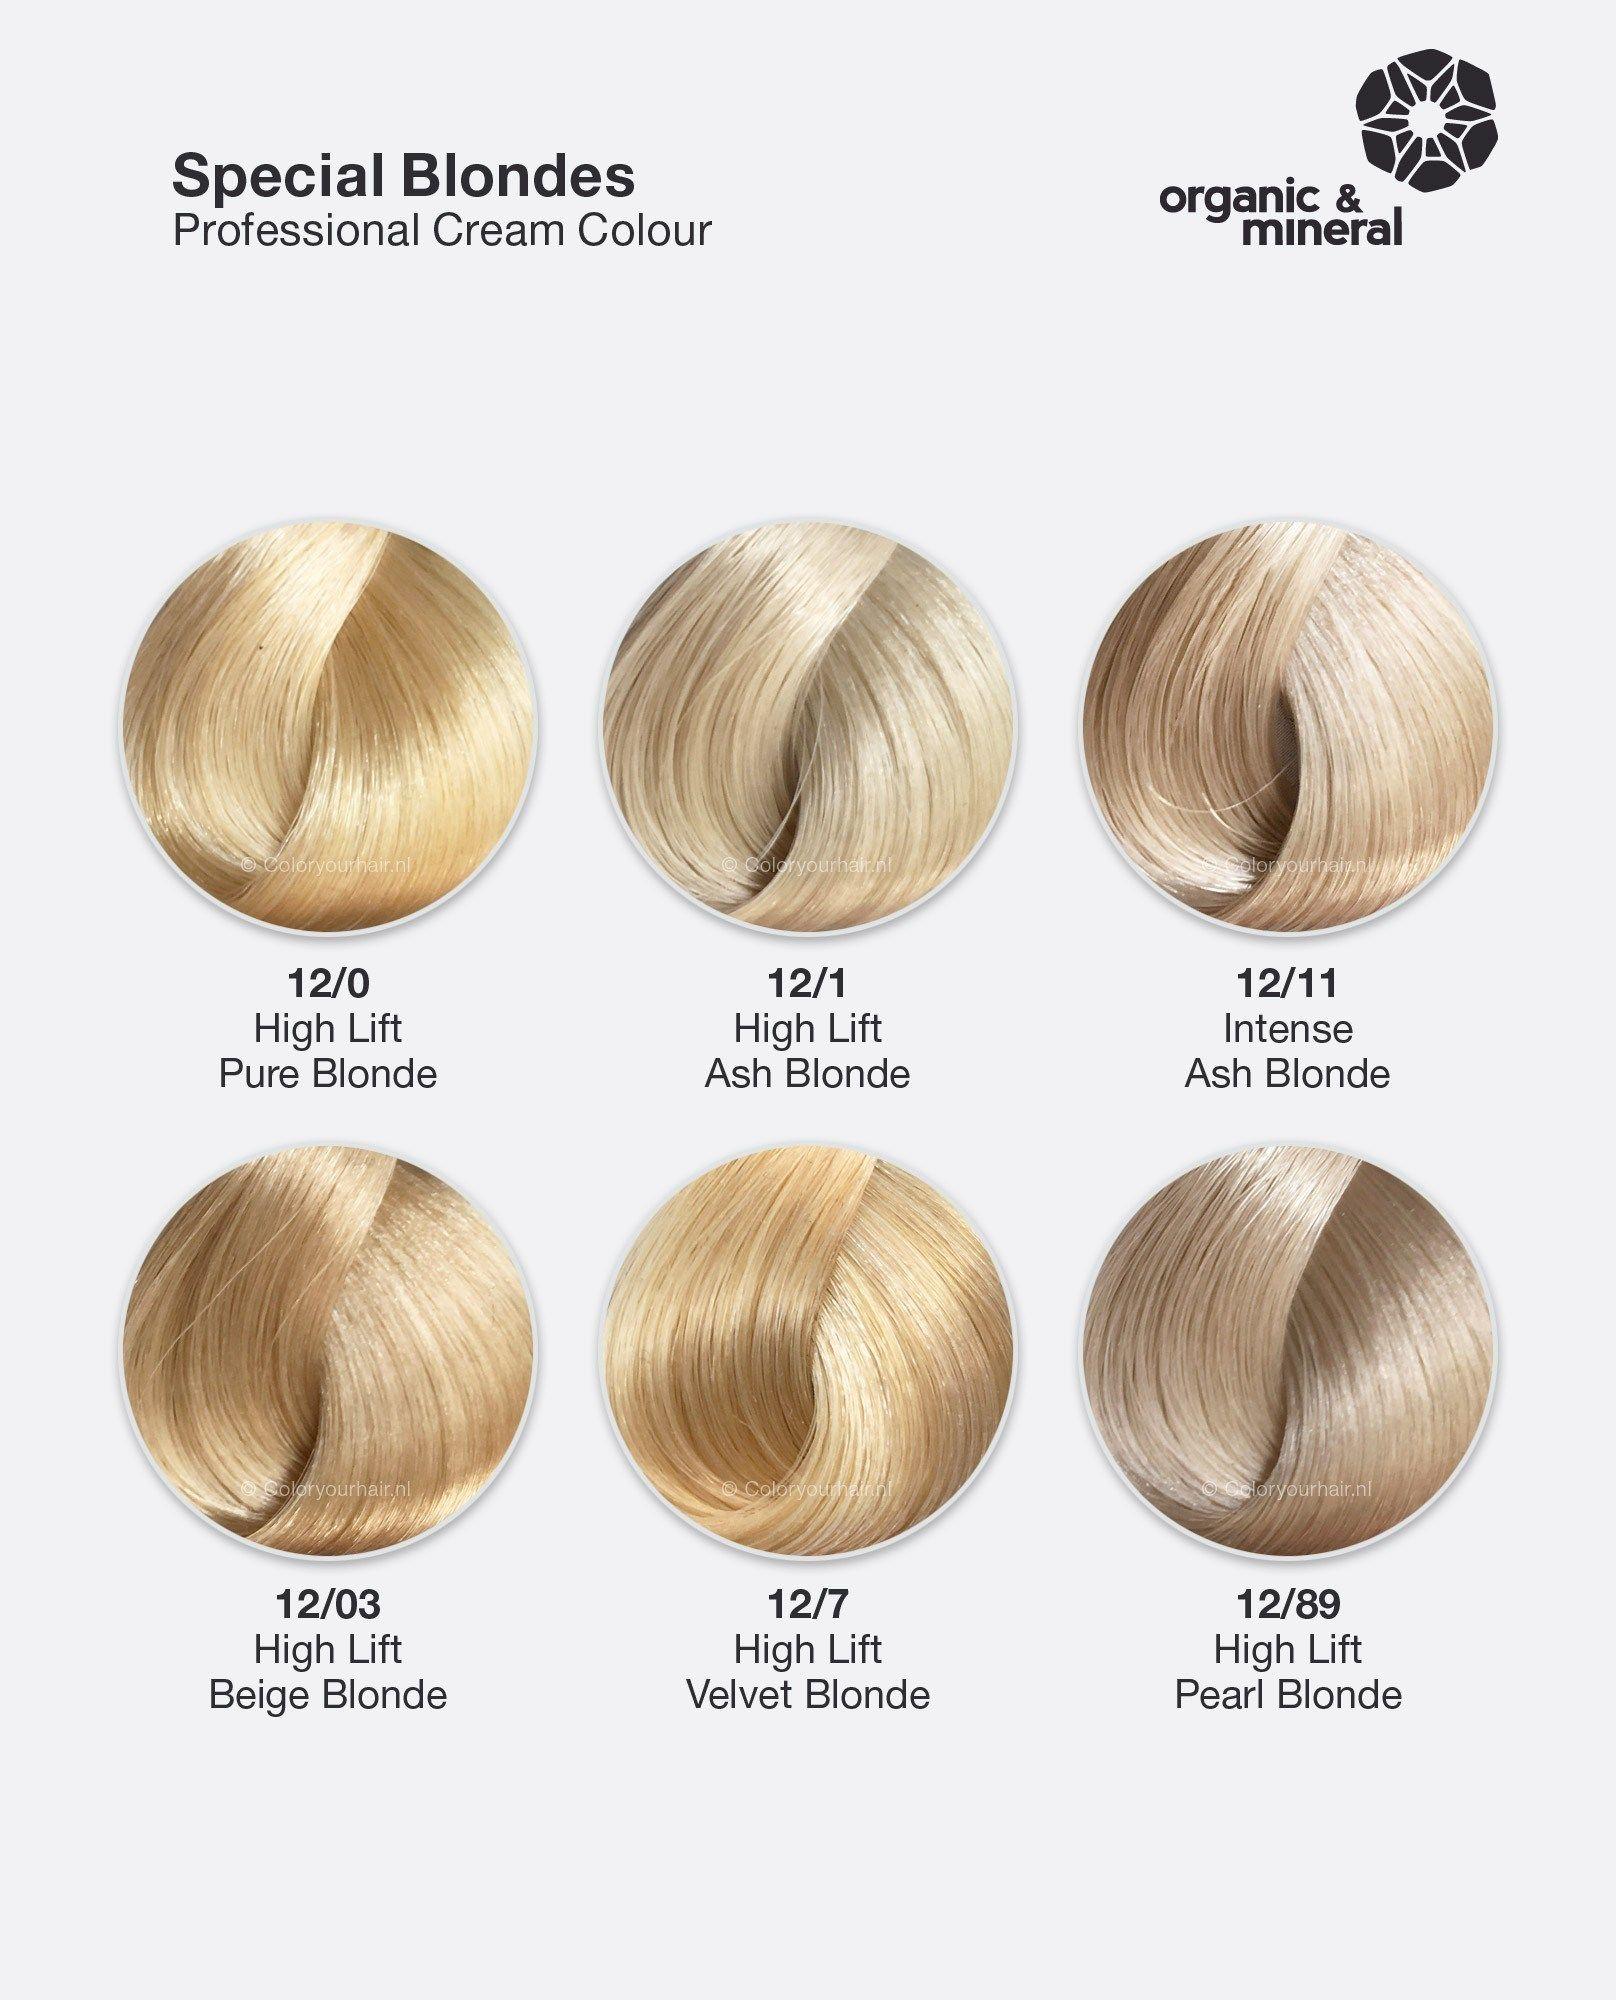 2020 Yilinin Trend Sac Renkleri Sac Renkleri Sac Renkler